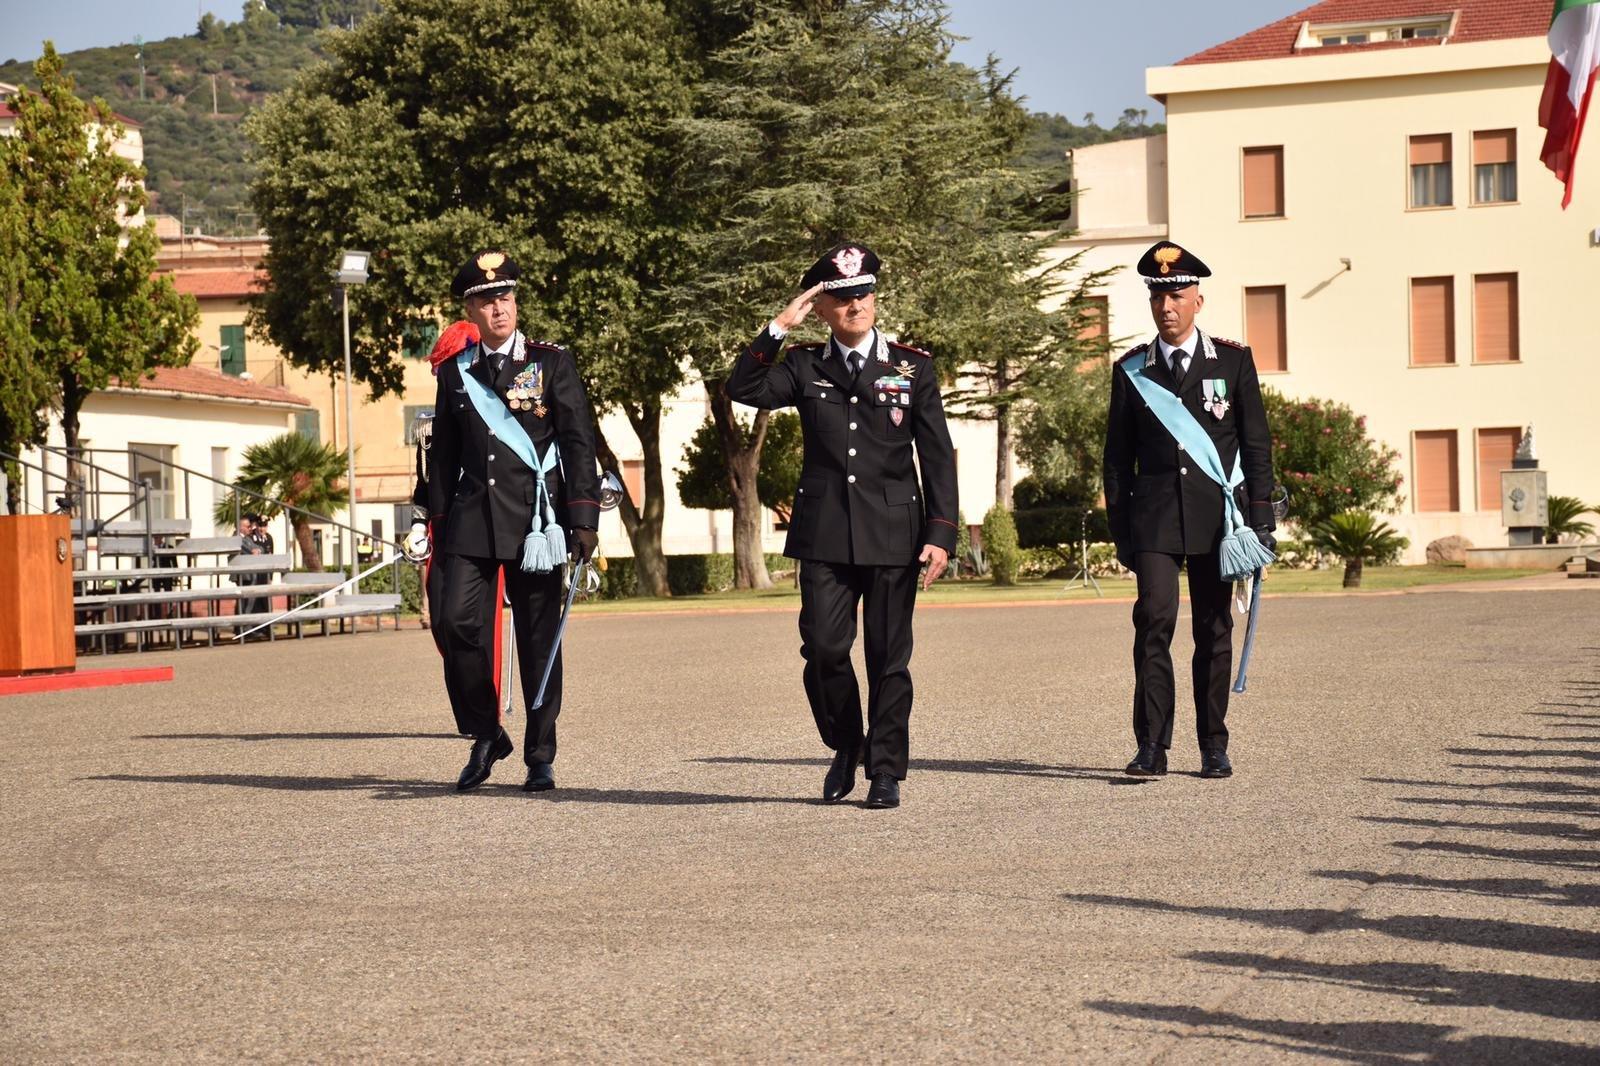 Il colonnello Andrea Desideri è il nuovo comandante della Scuola allievi carabinieri di Iglesias.